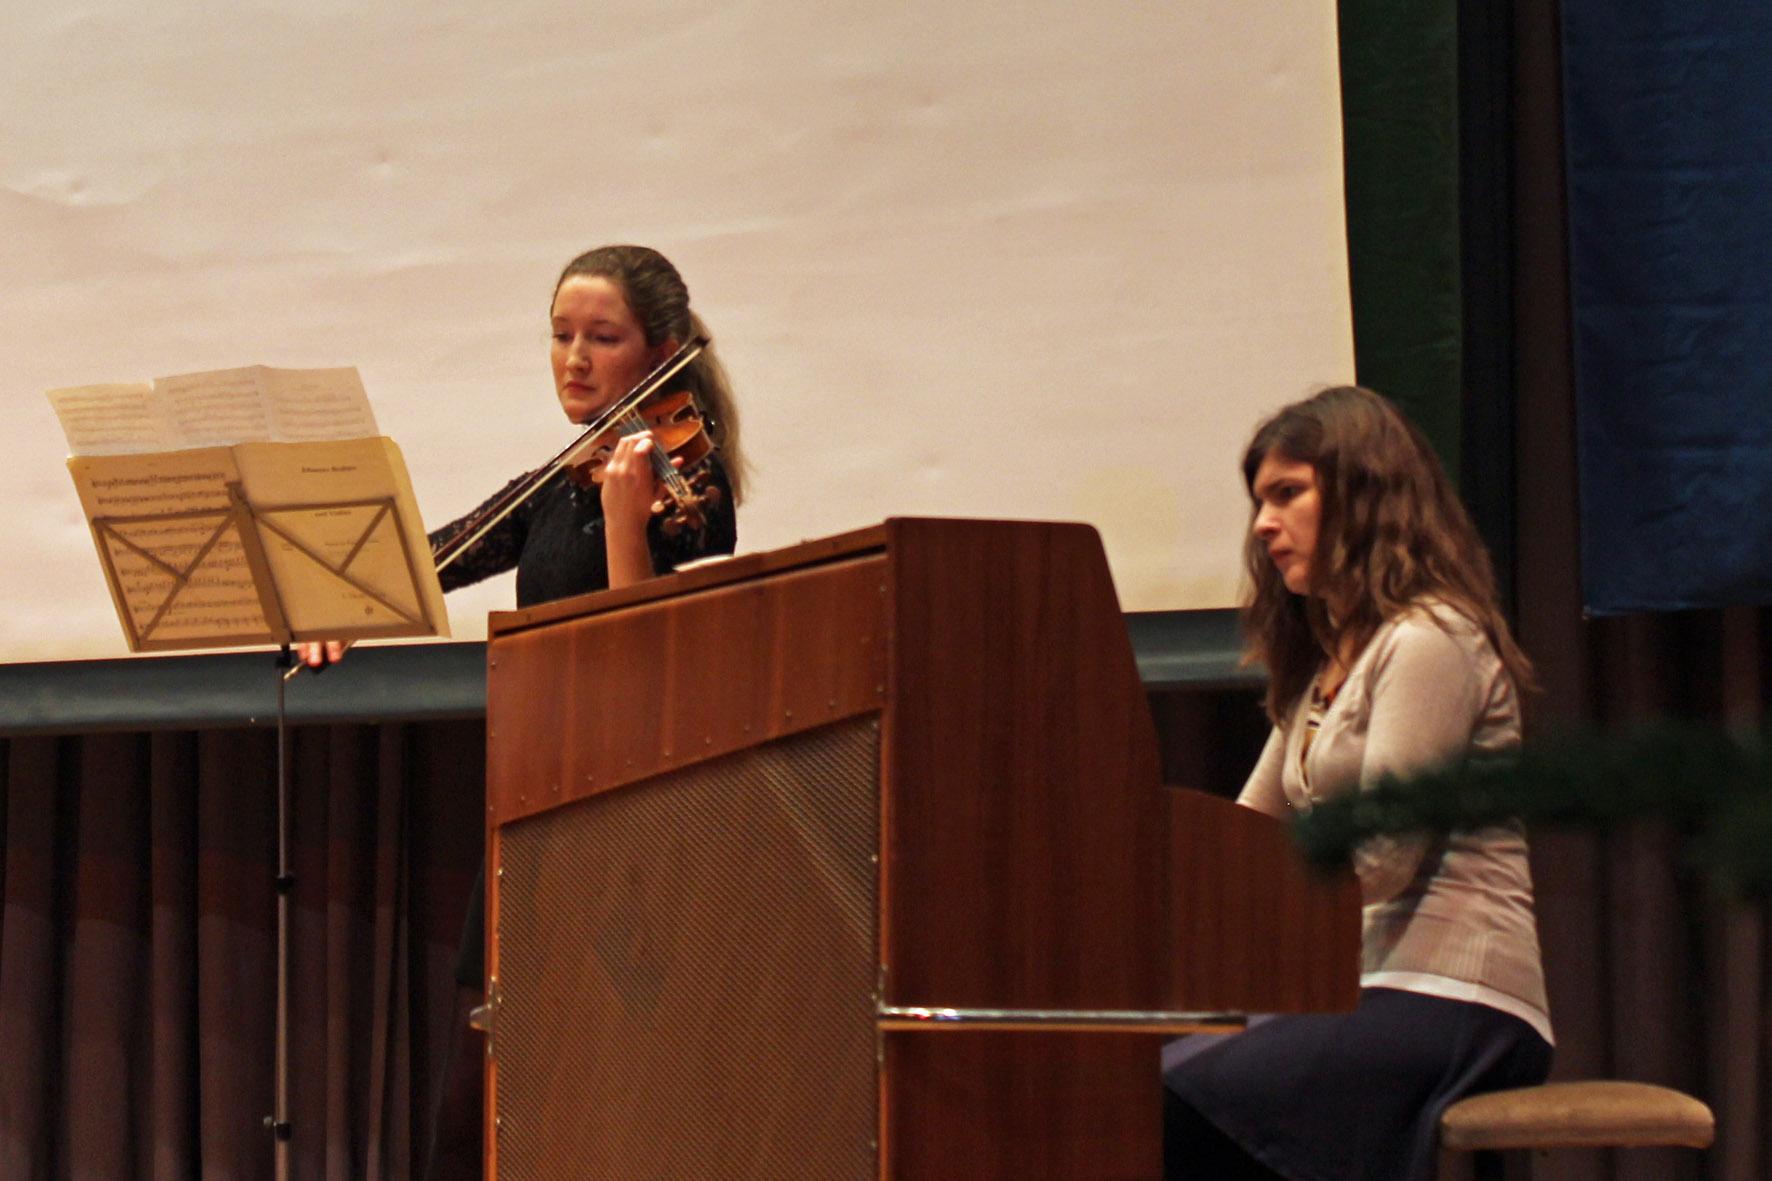 Musikalisch und technisch nahezu perfekt: Hannah Armbruster mit der Violine und Katja Poljakova am Klavier.